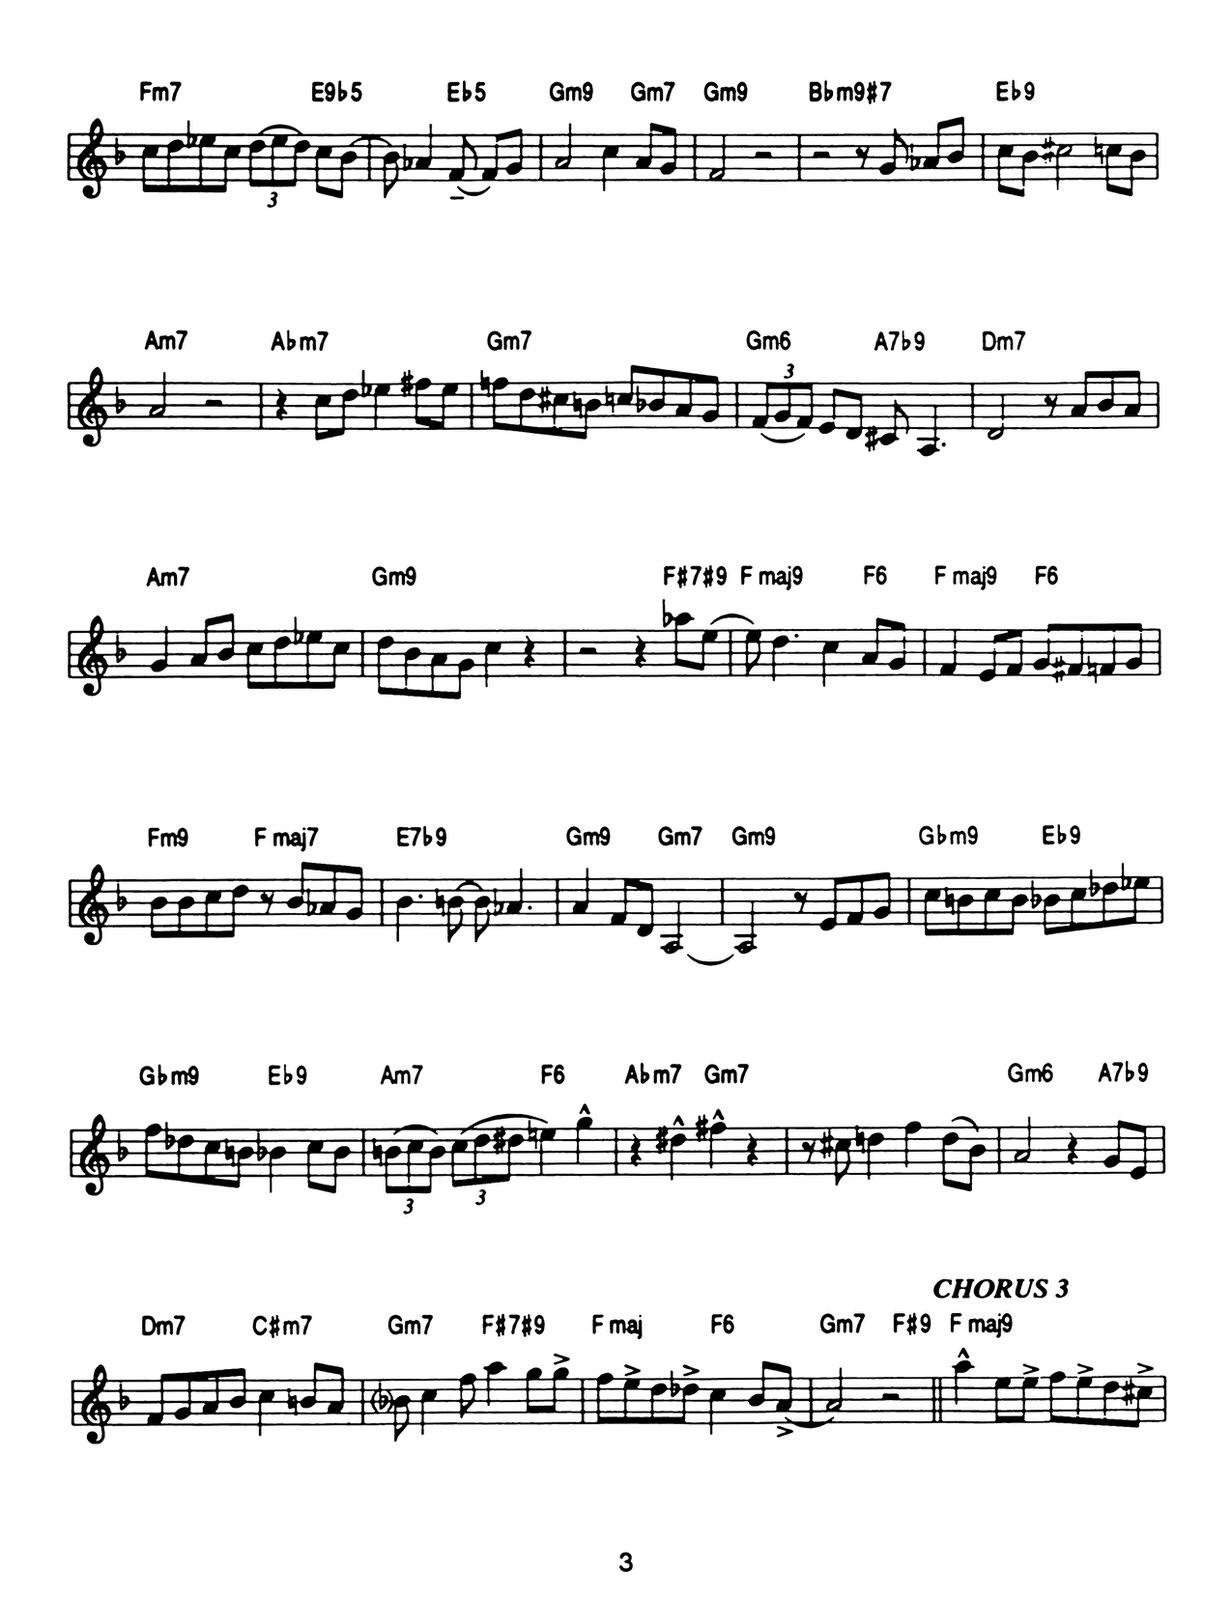 Davis, The Original Cool Sounds Of 5